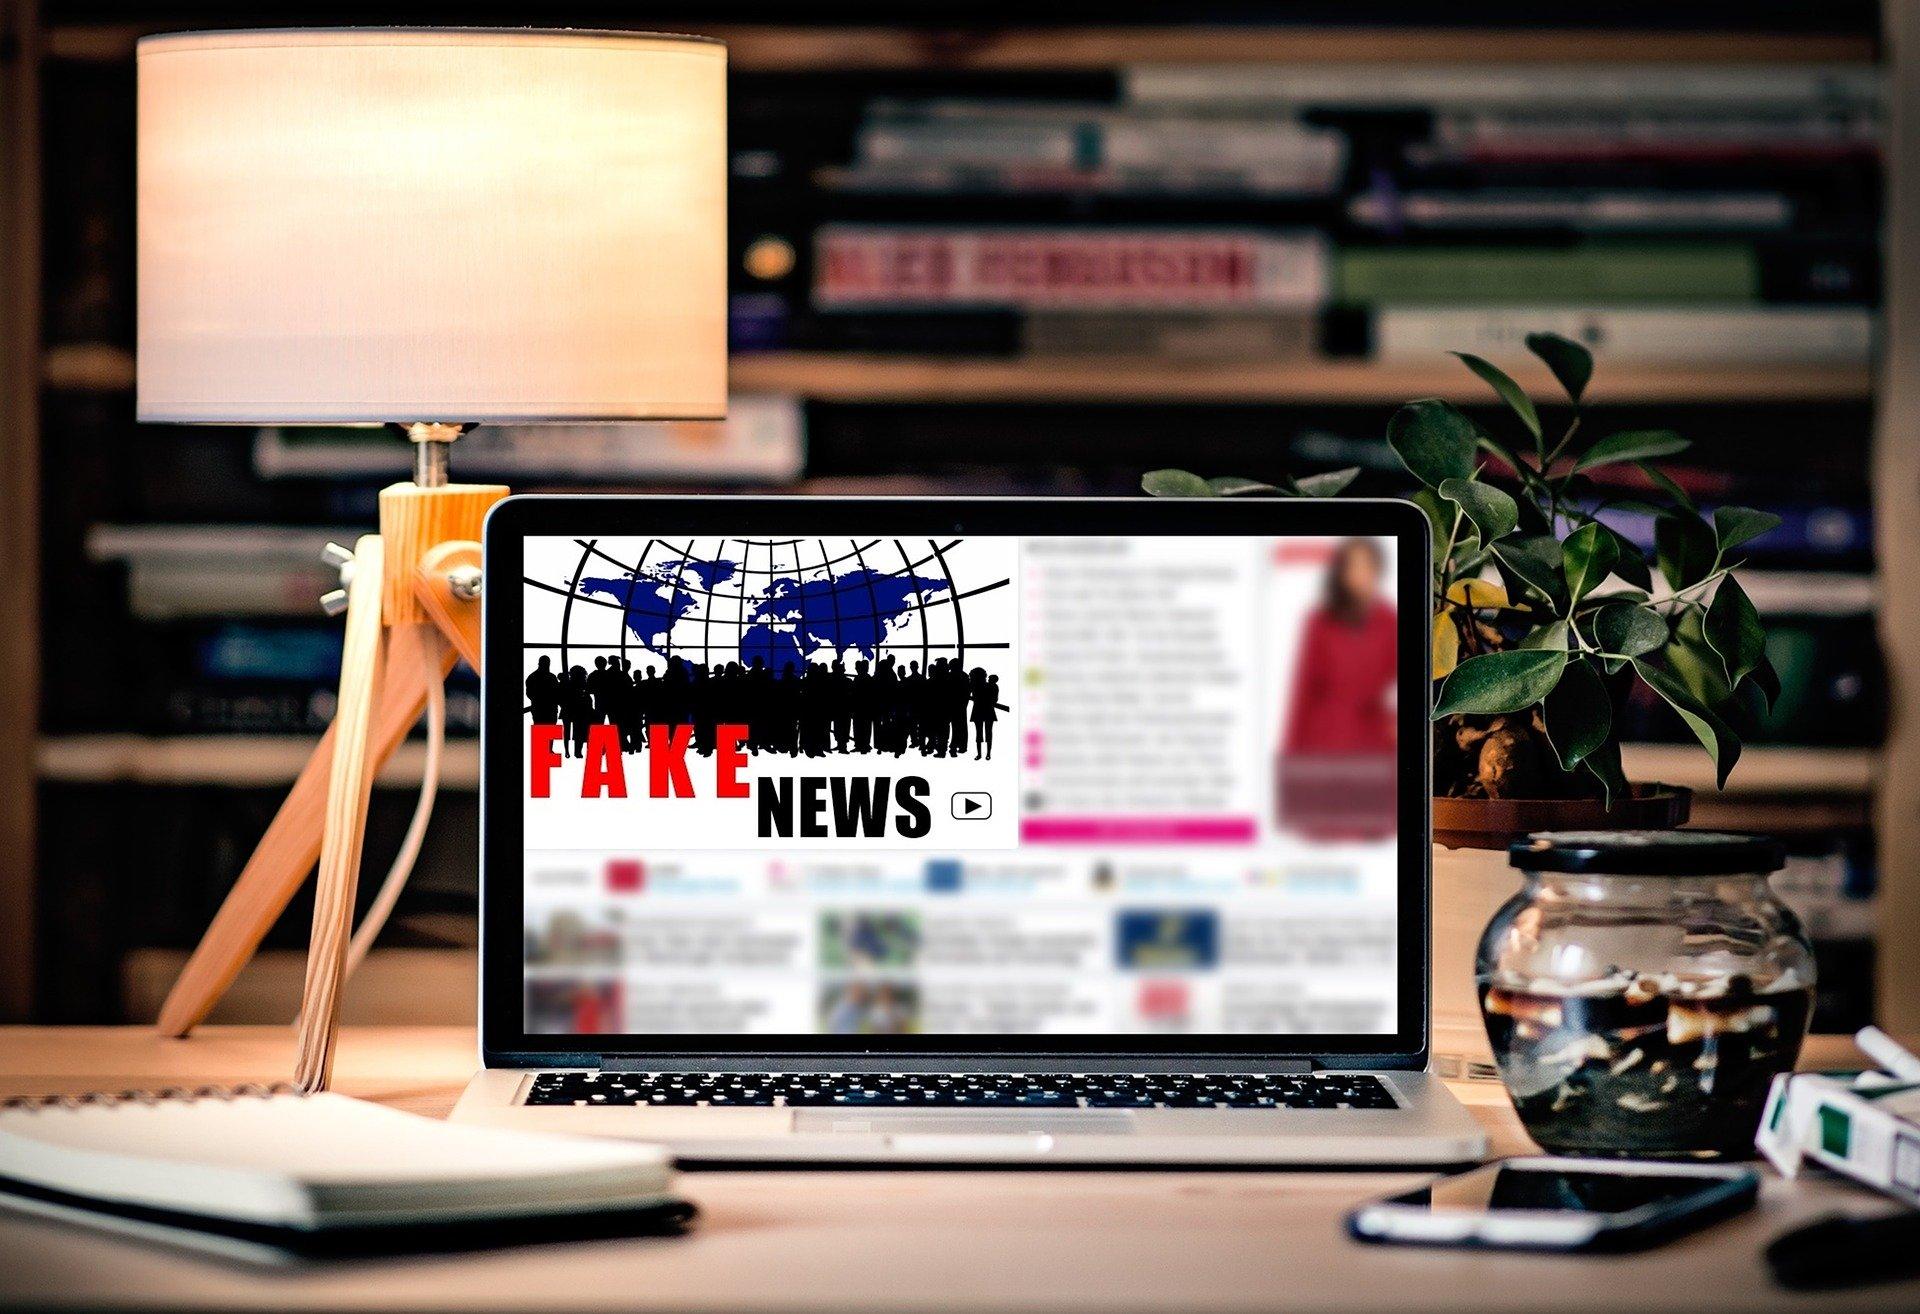 EIn Tablet steht auf einem Schreibtisch und zeigt eine Fakenews Website an.